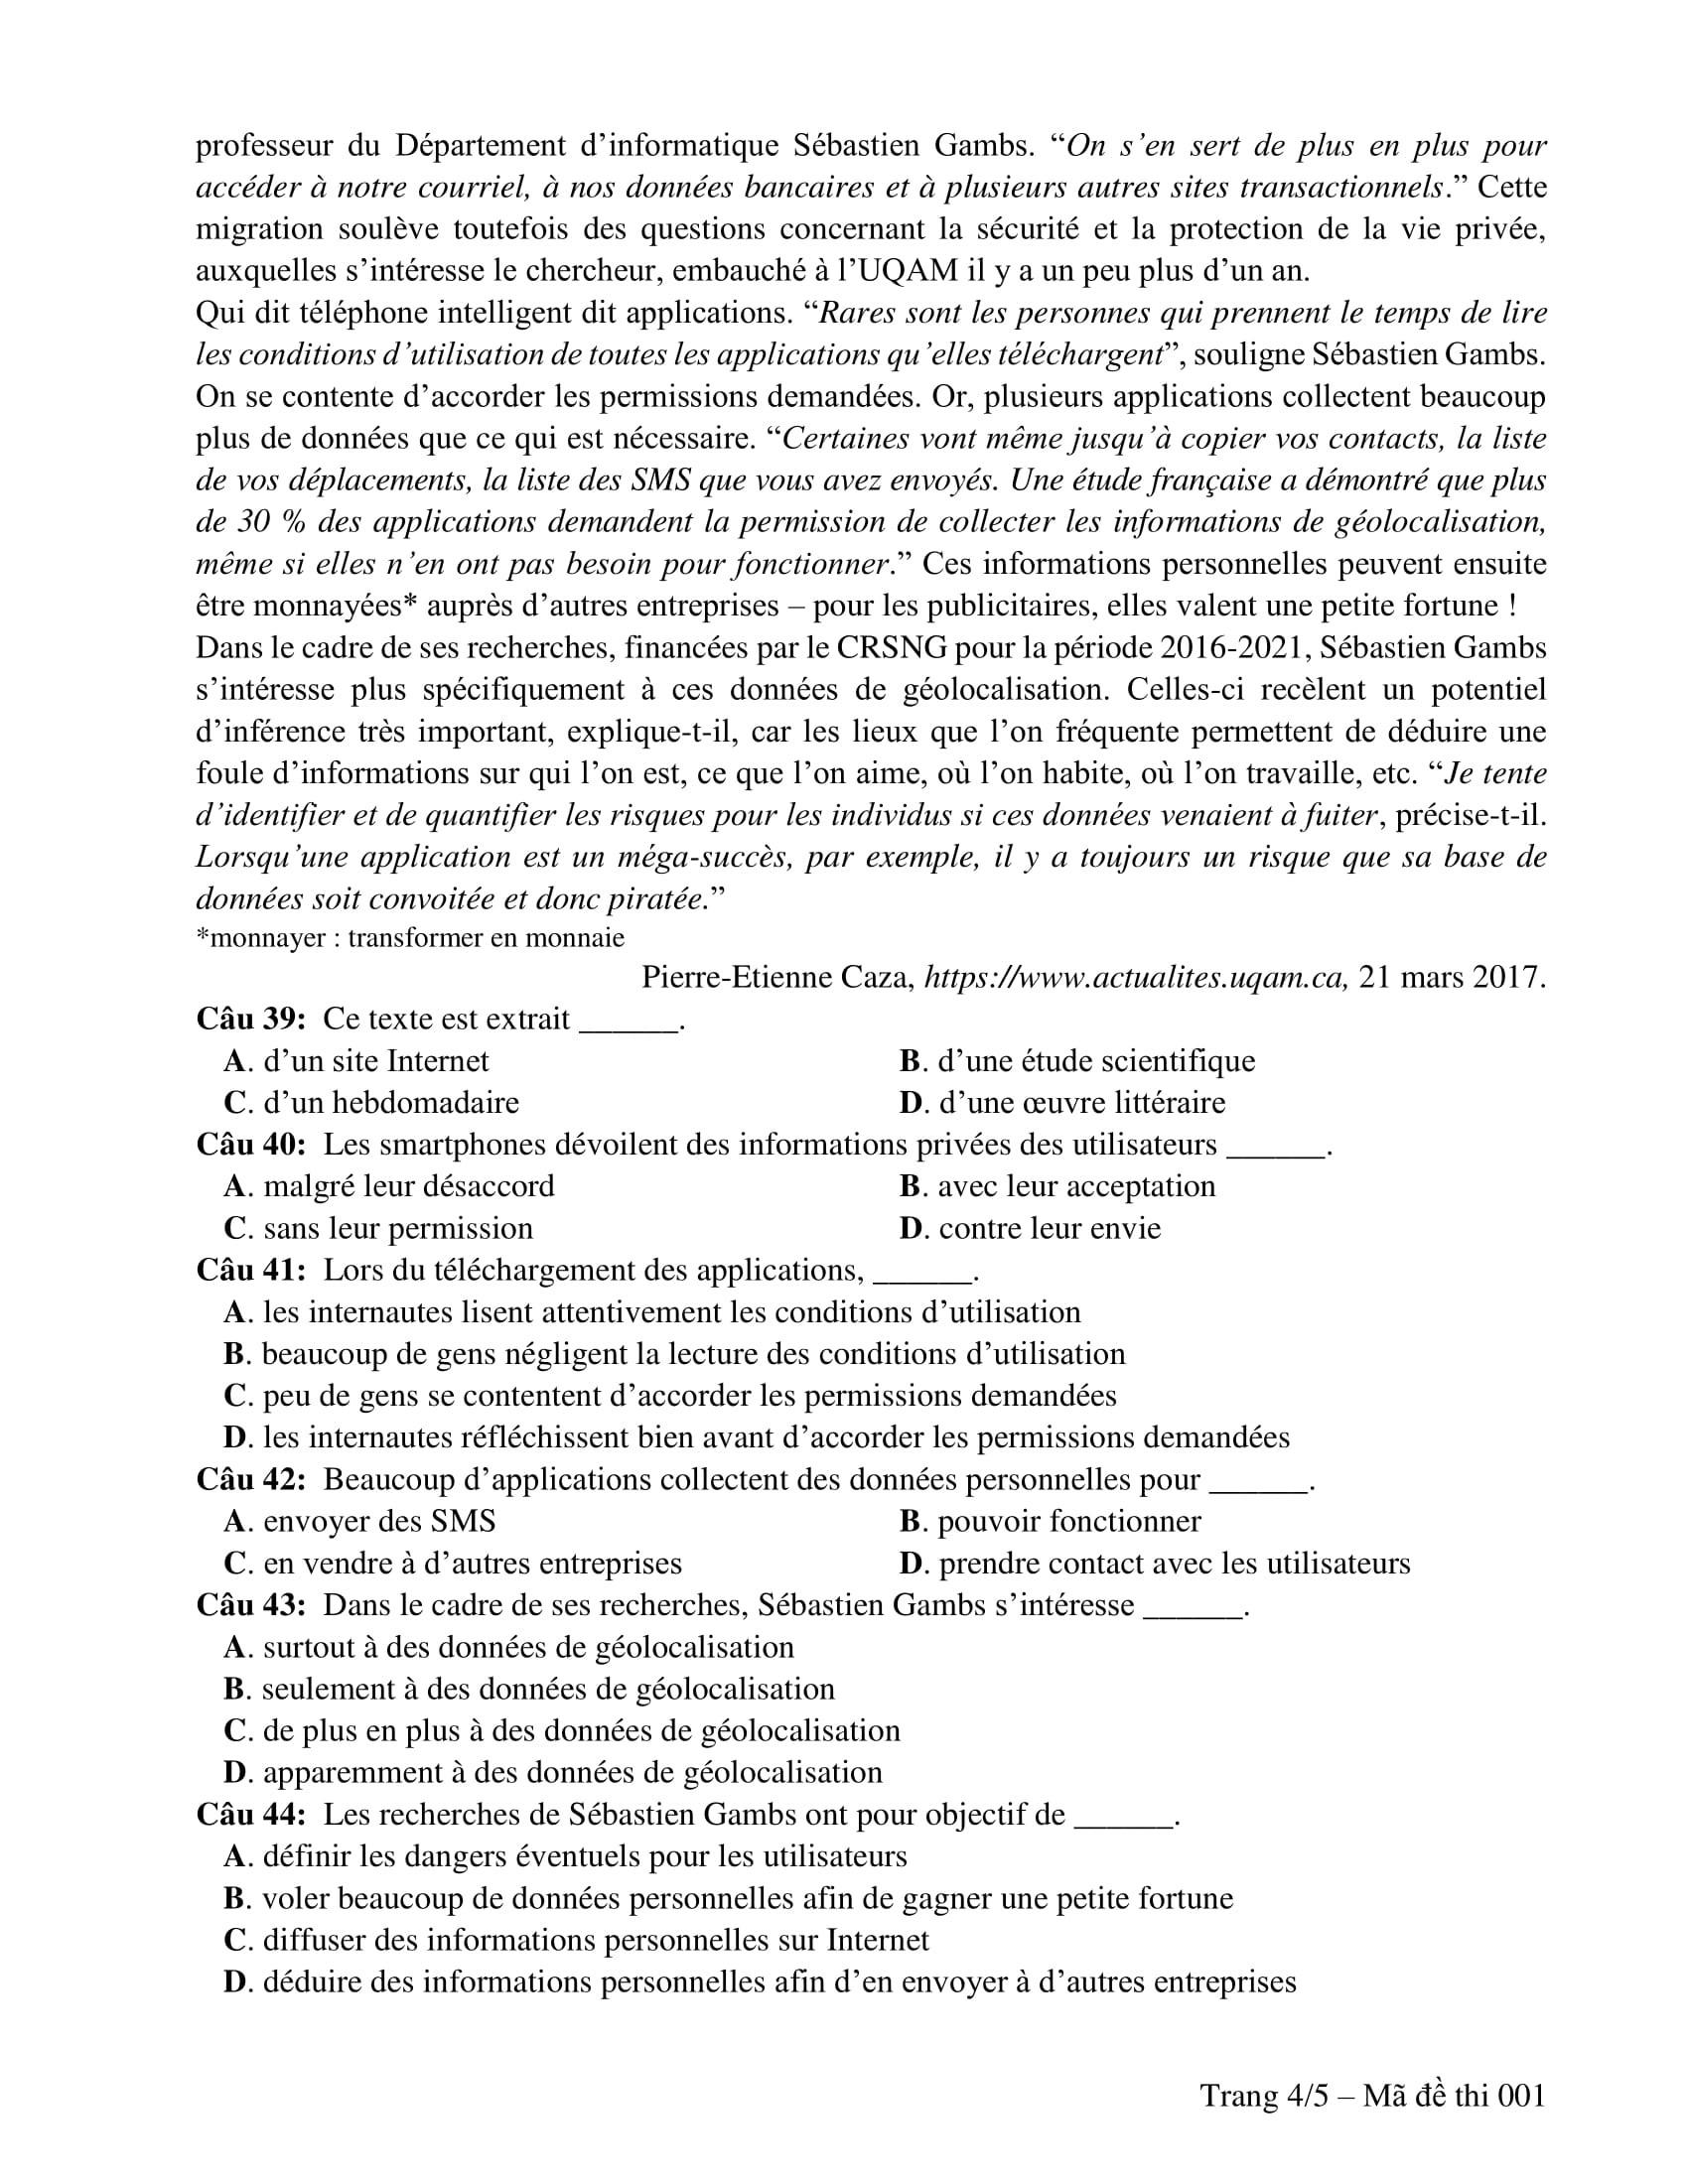 Đề thi minh hoạ THPT Quốc gia năm 2019: Tiếng Pháp - Ảnh 4.